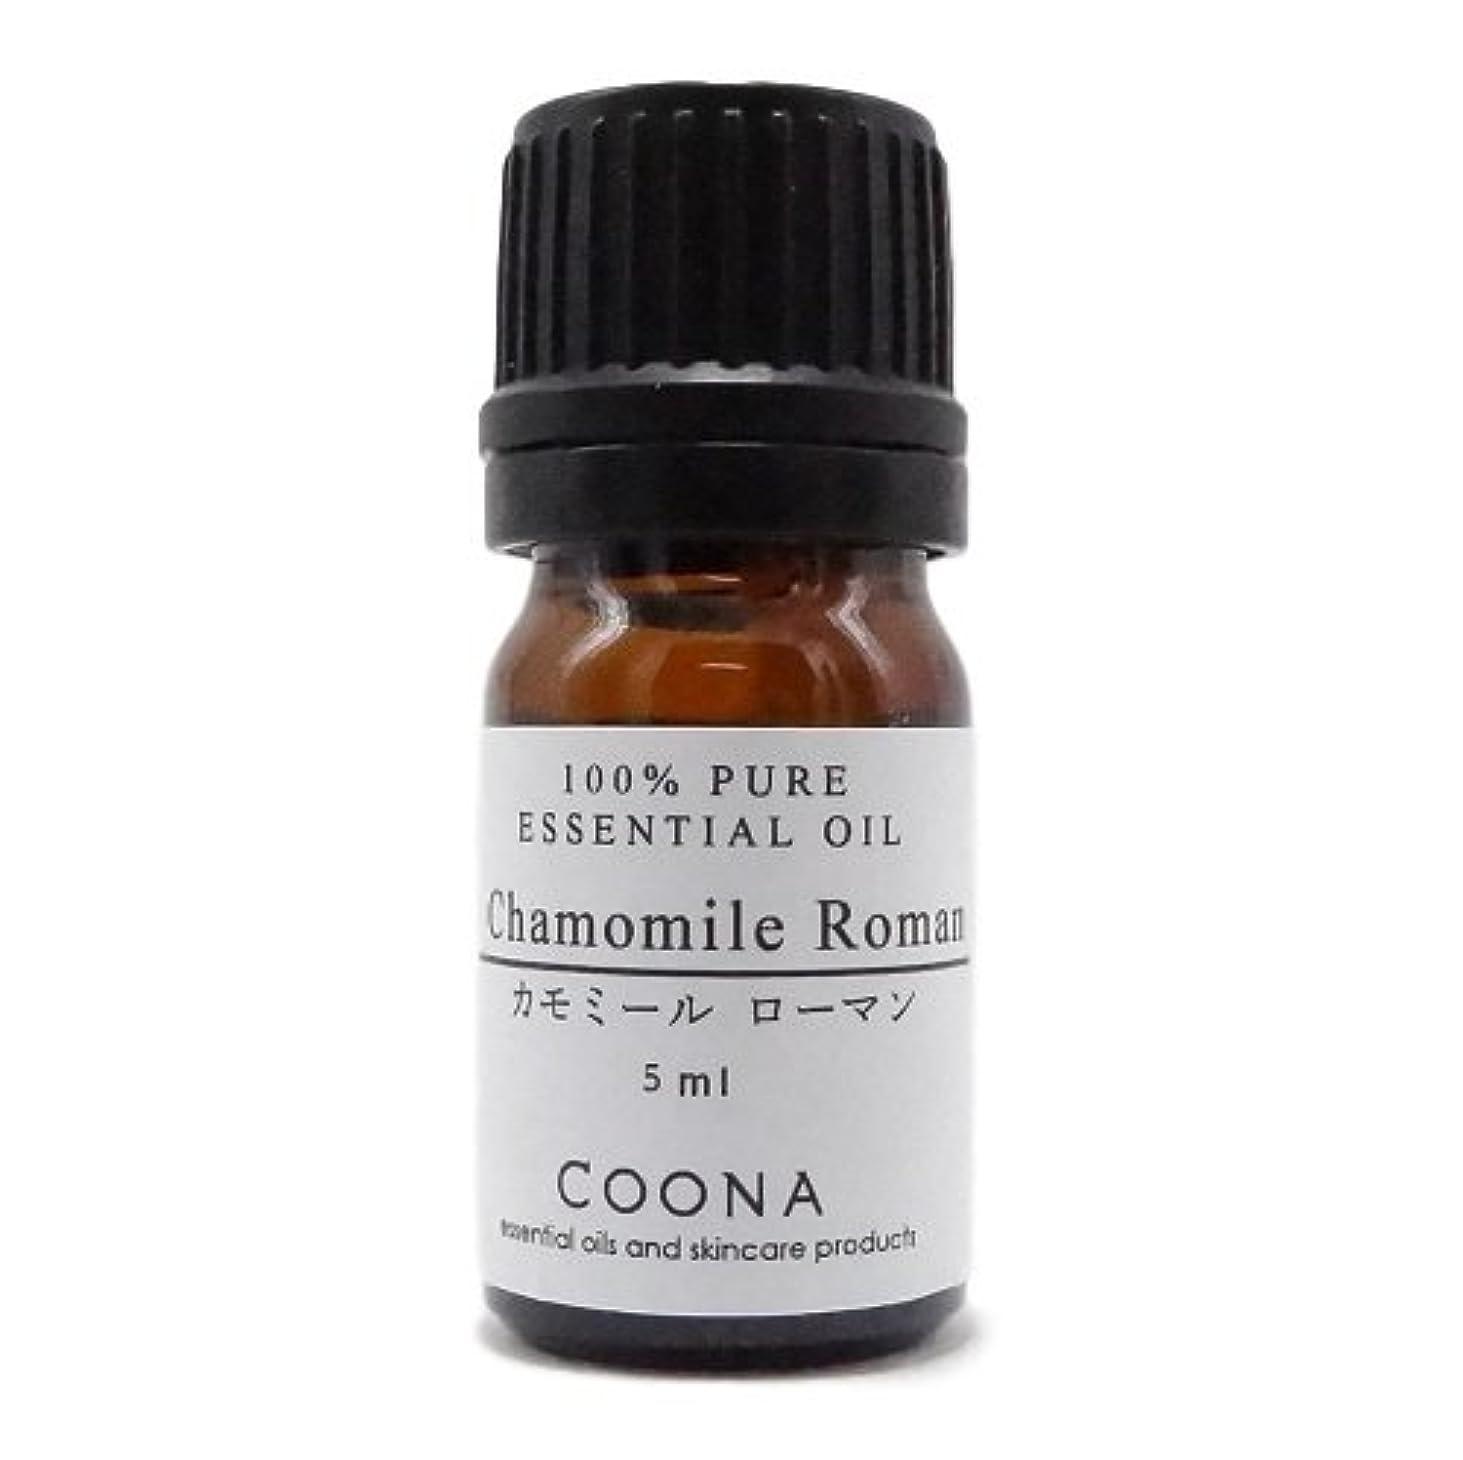 サミット無礼に磁器カモミール ローマン 5 ml (COONA エッセンシャルオイル アロマオイル 100%天然植物精油)